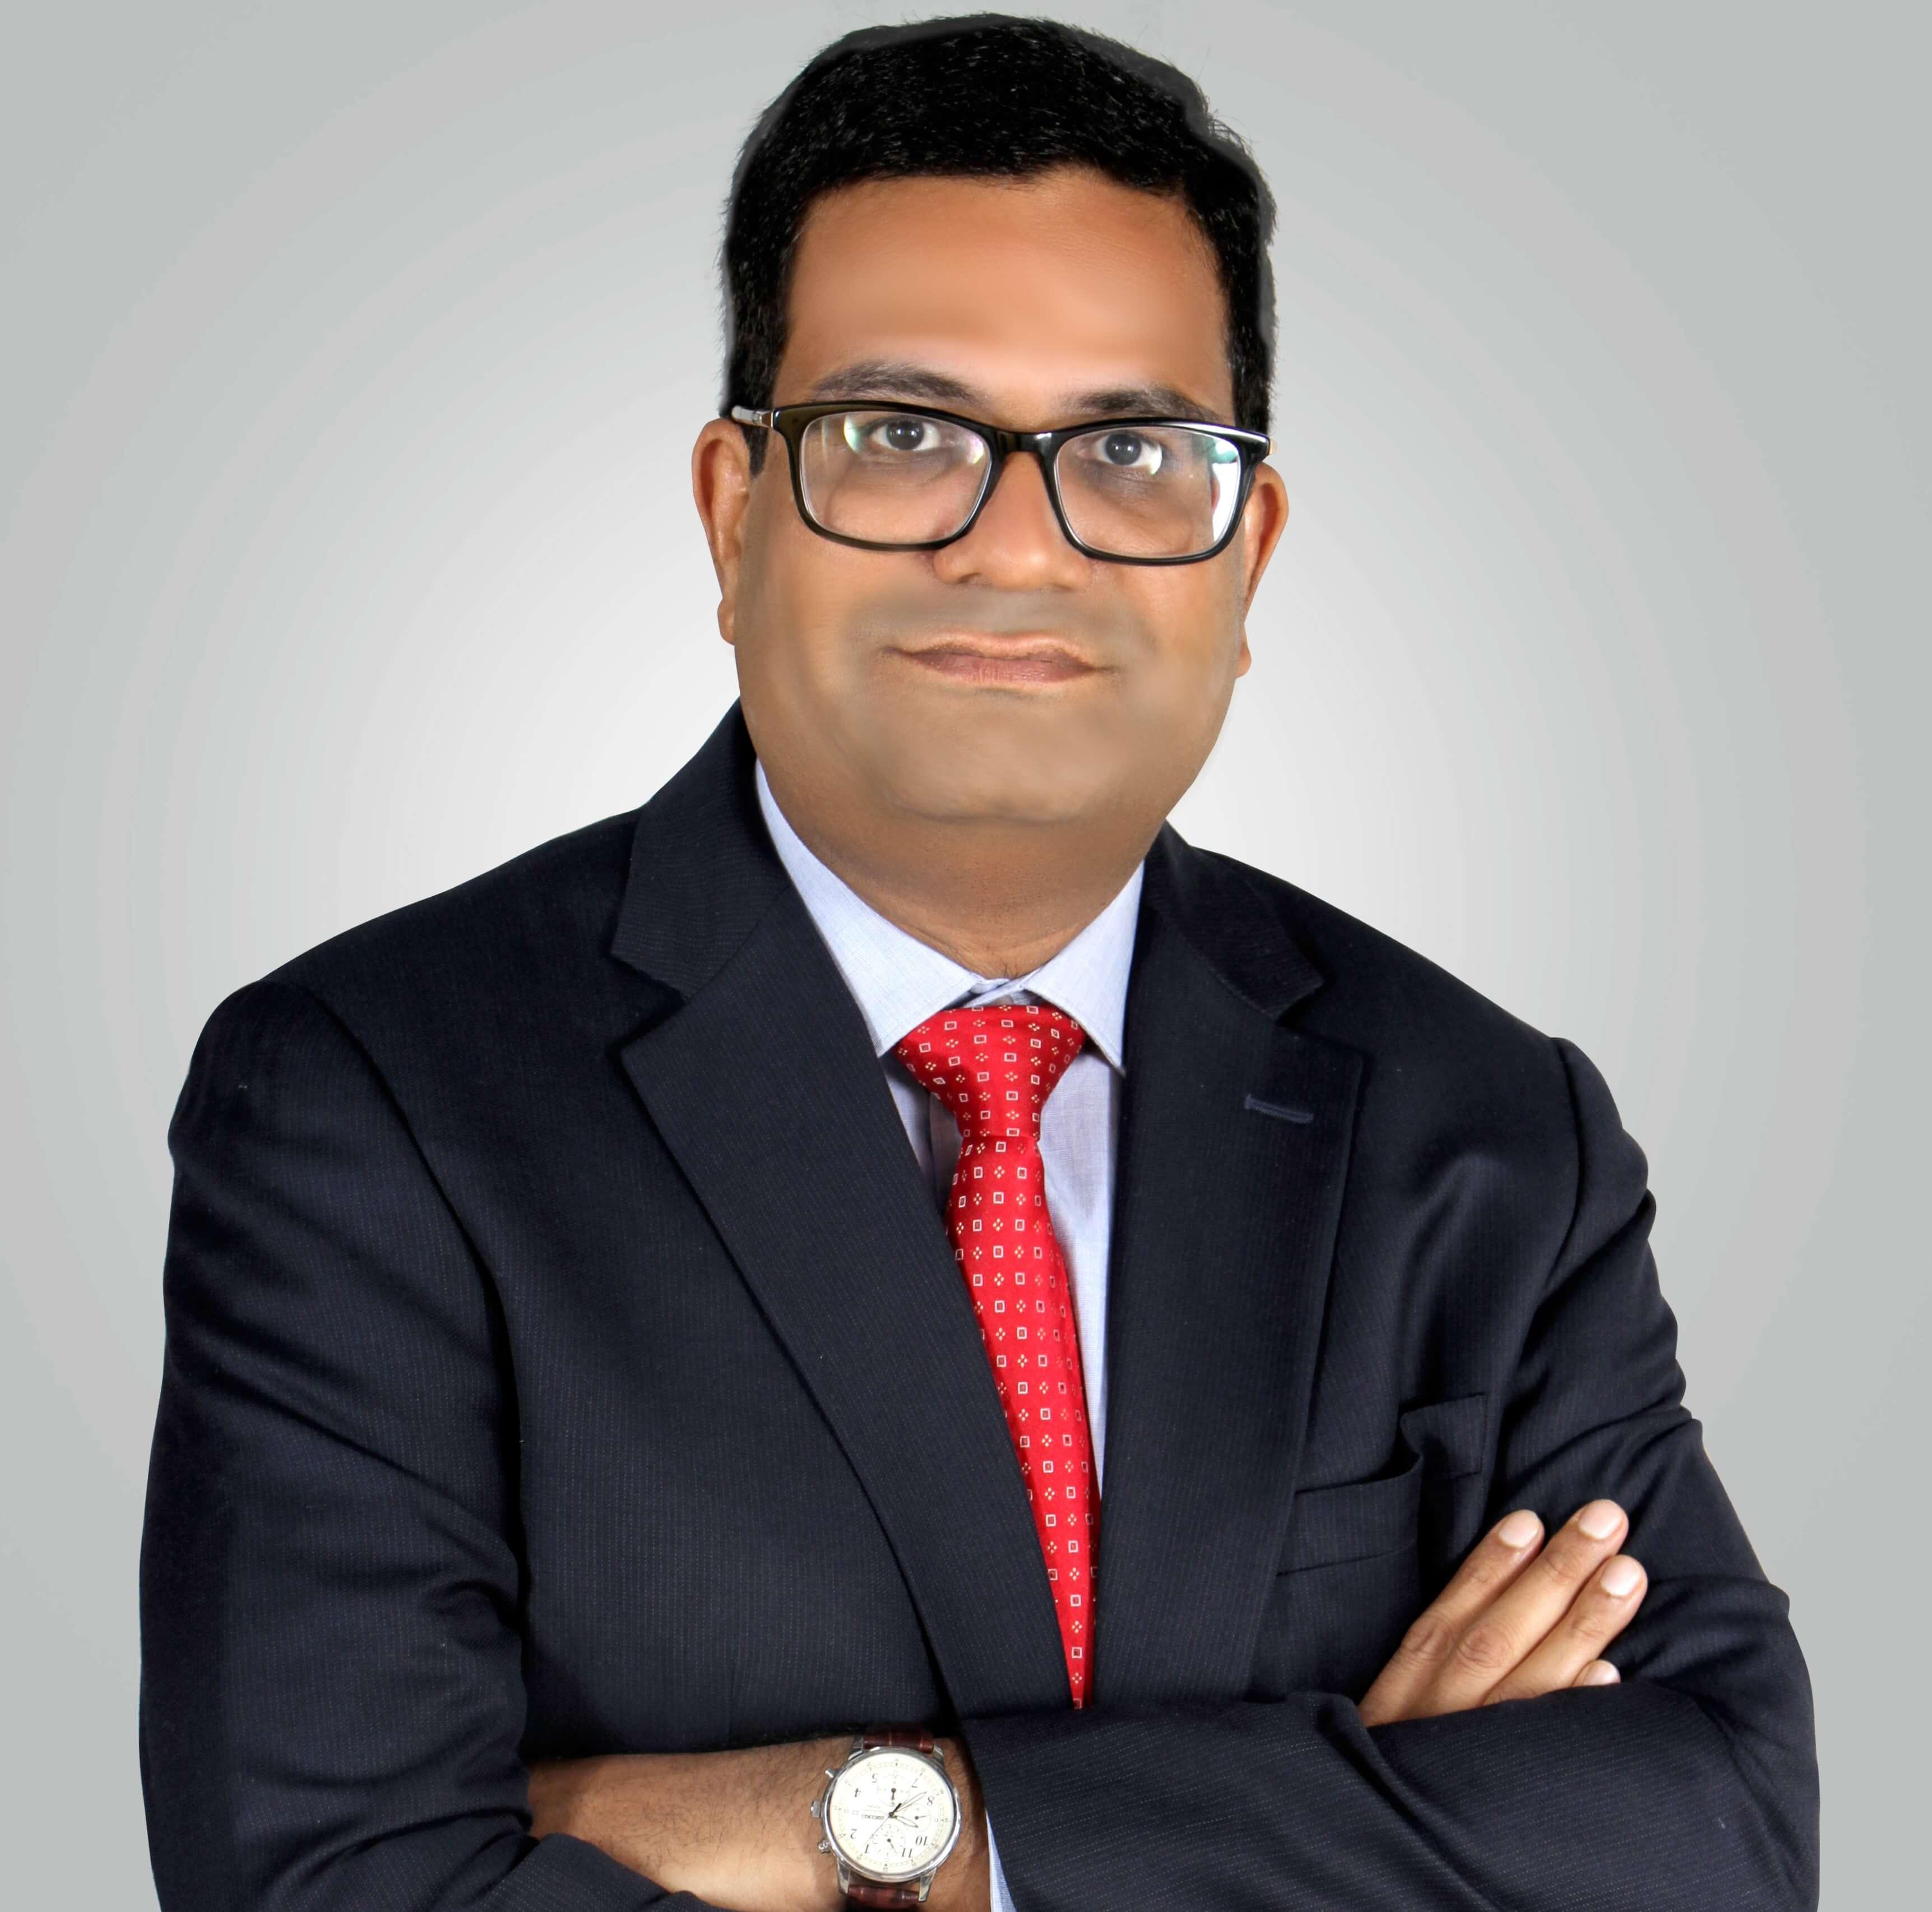 Manish Gaur